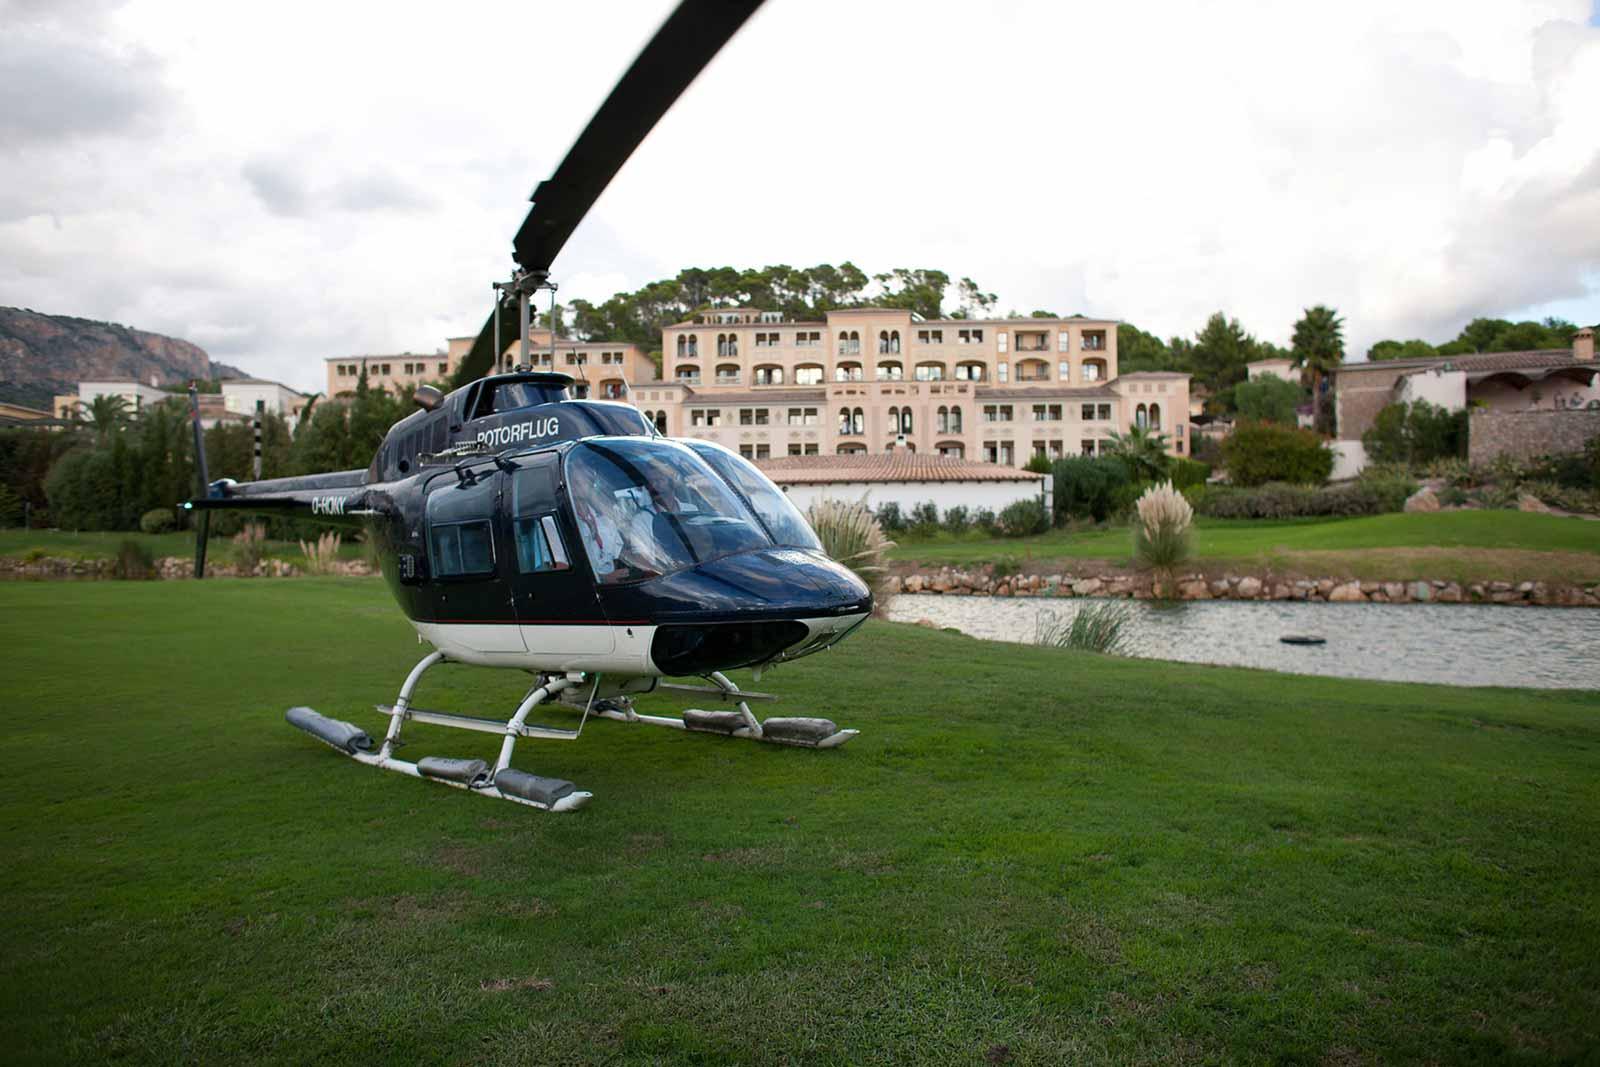 Helikopter-Shuttle-Mallorca-Helikopter-Transfer-Mallorca-2